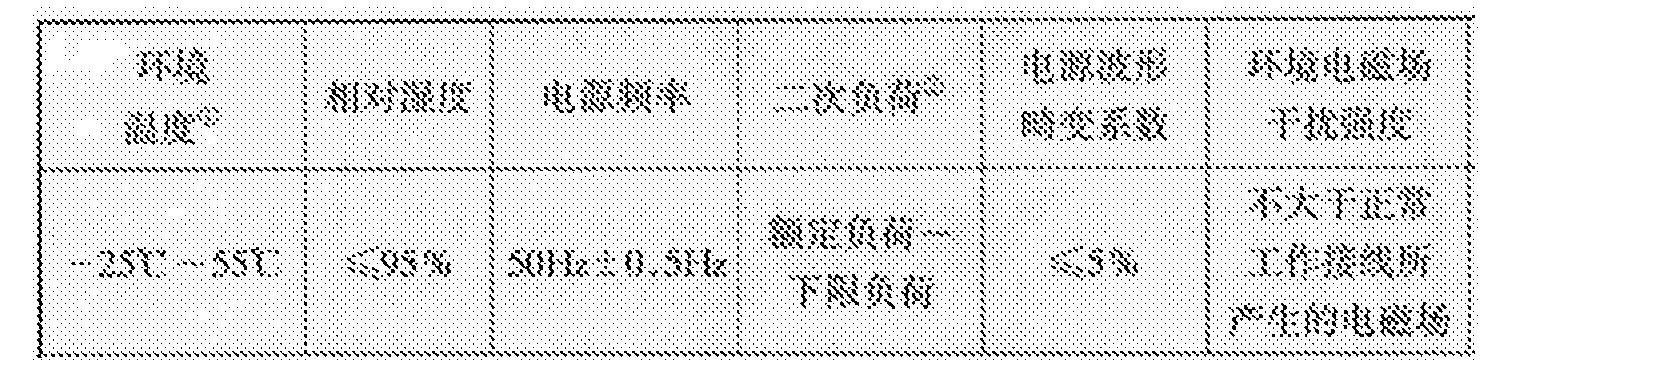 Figure CN105550499BD00294